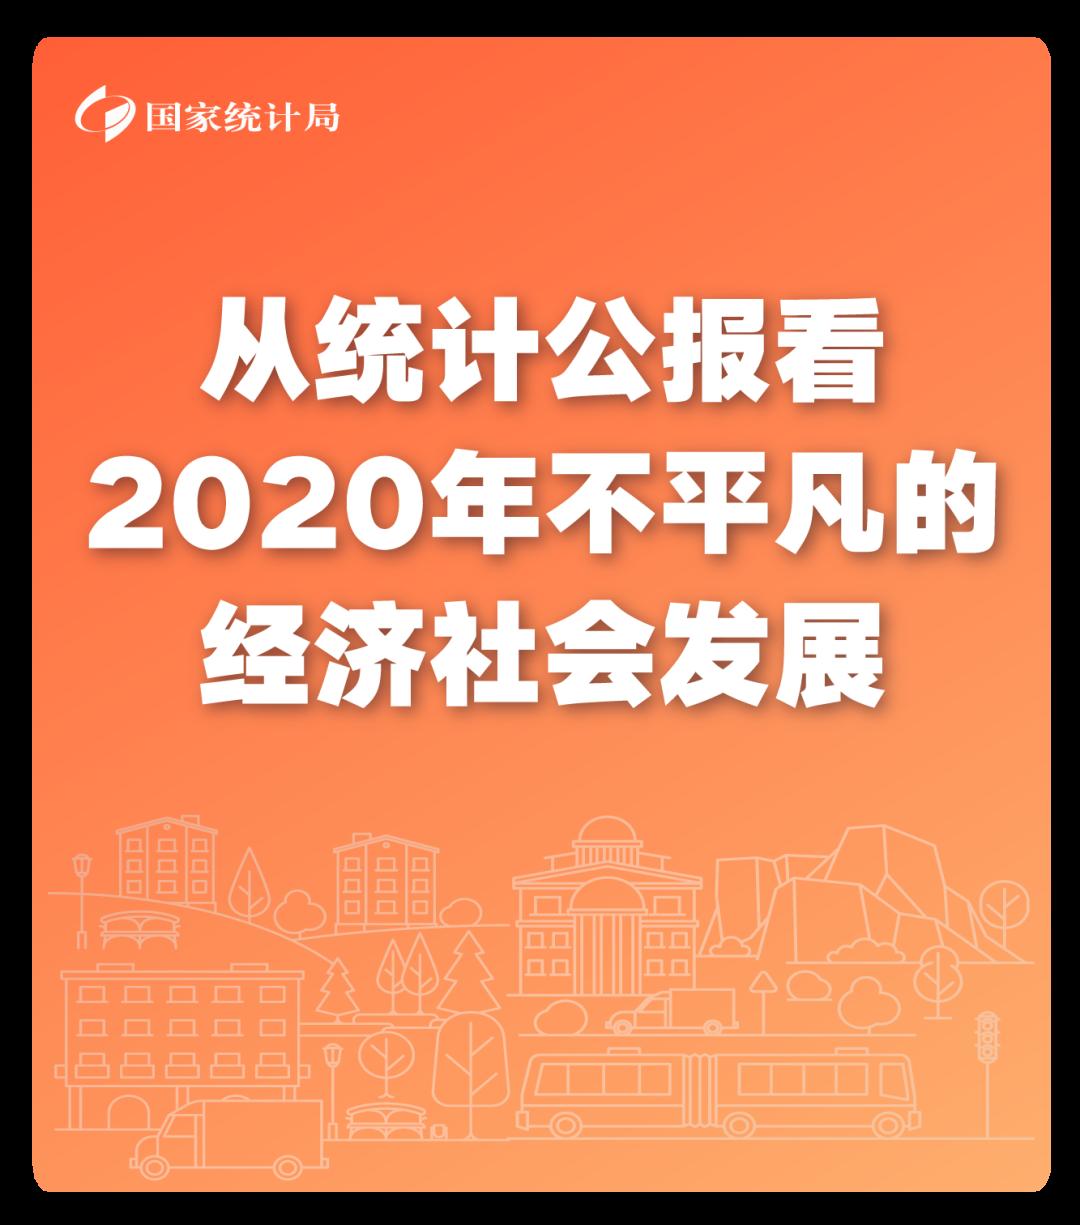 从统计公报看2020年不平凡的经济社会发展!图片